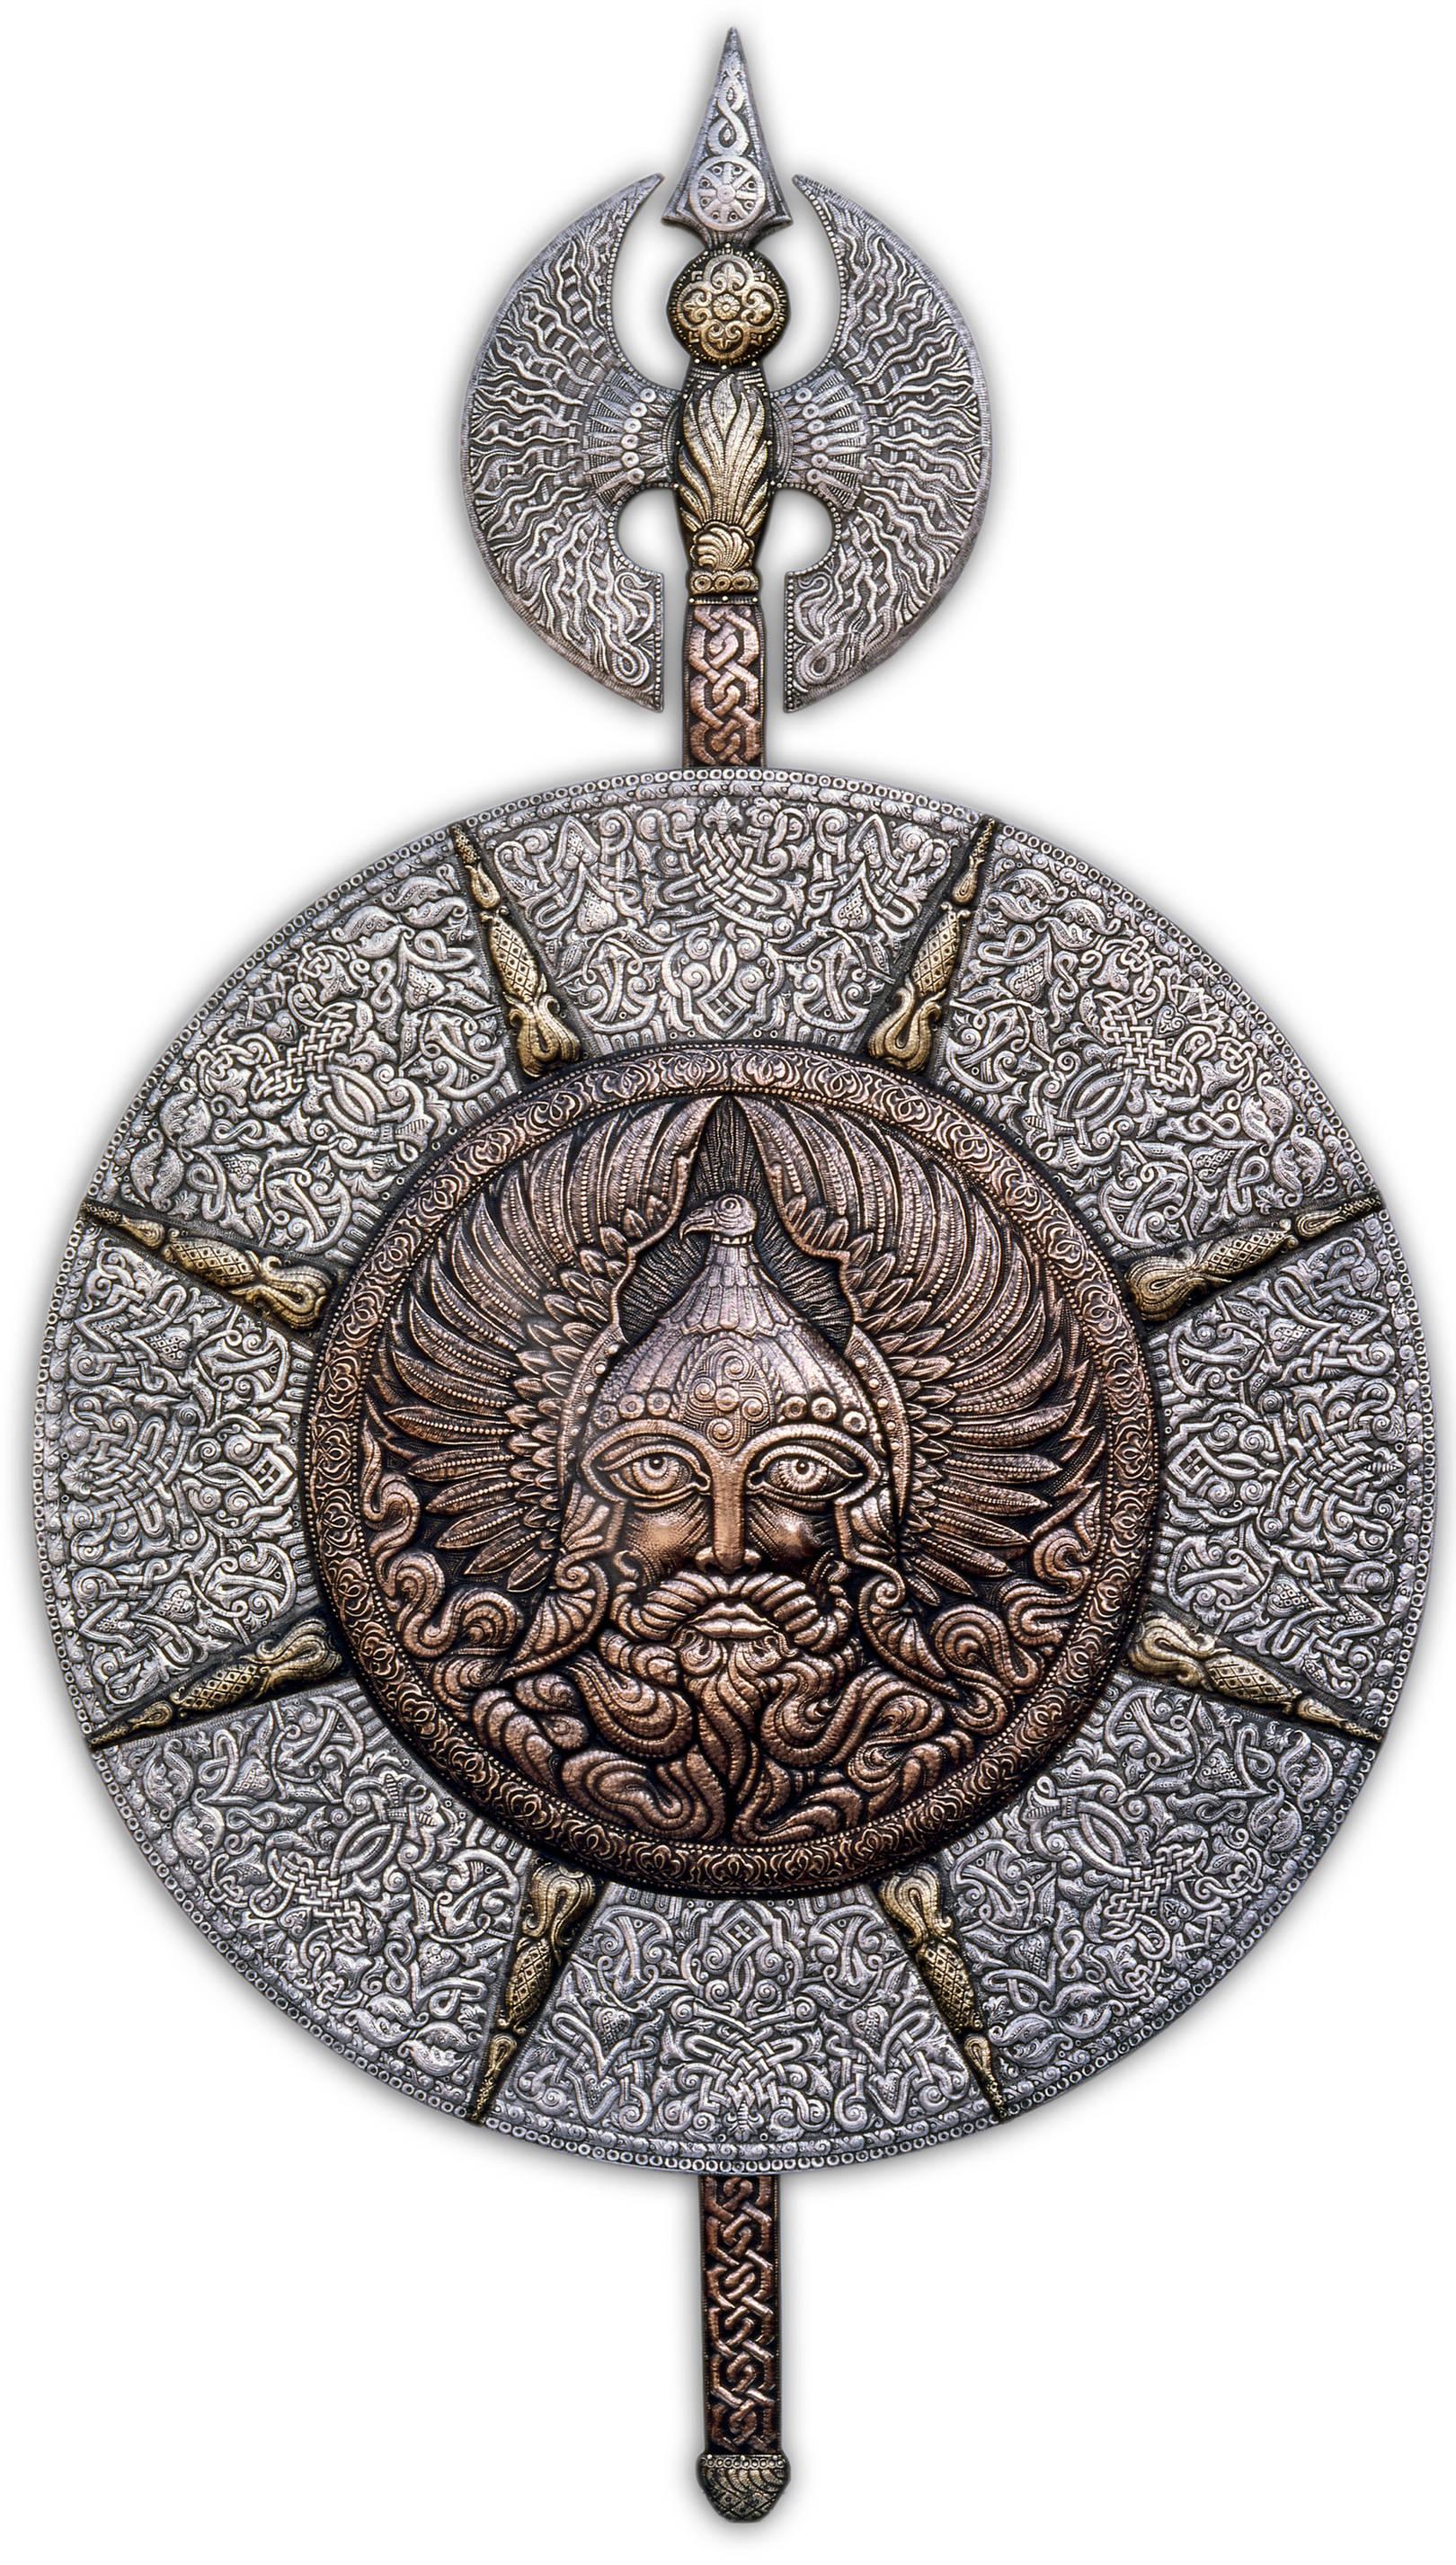 Перун (декоративный щит с секирой)  2000 г.  Алюминий, медь, латунь; чернение  172  х 97 см